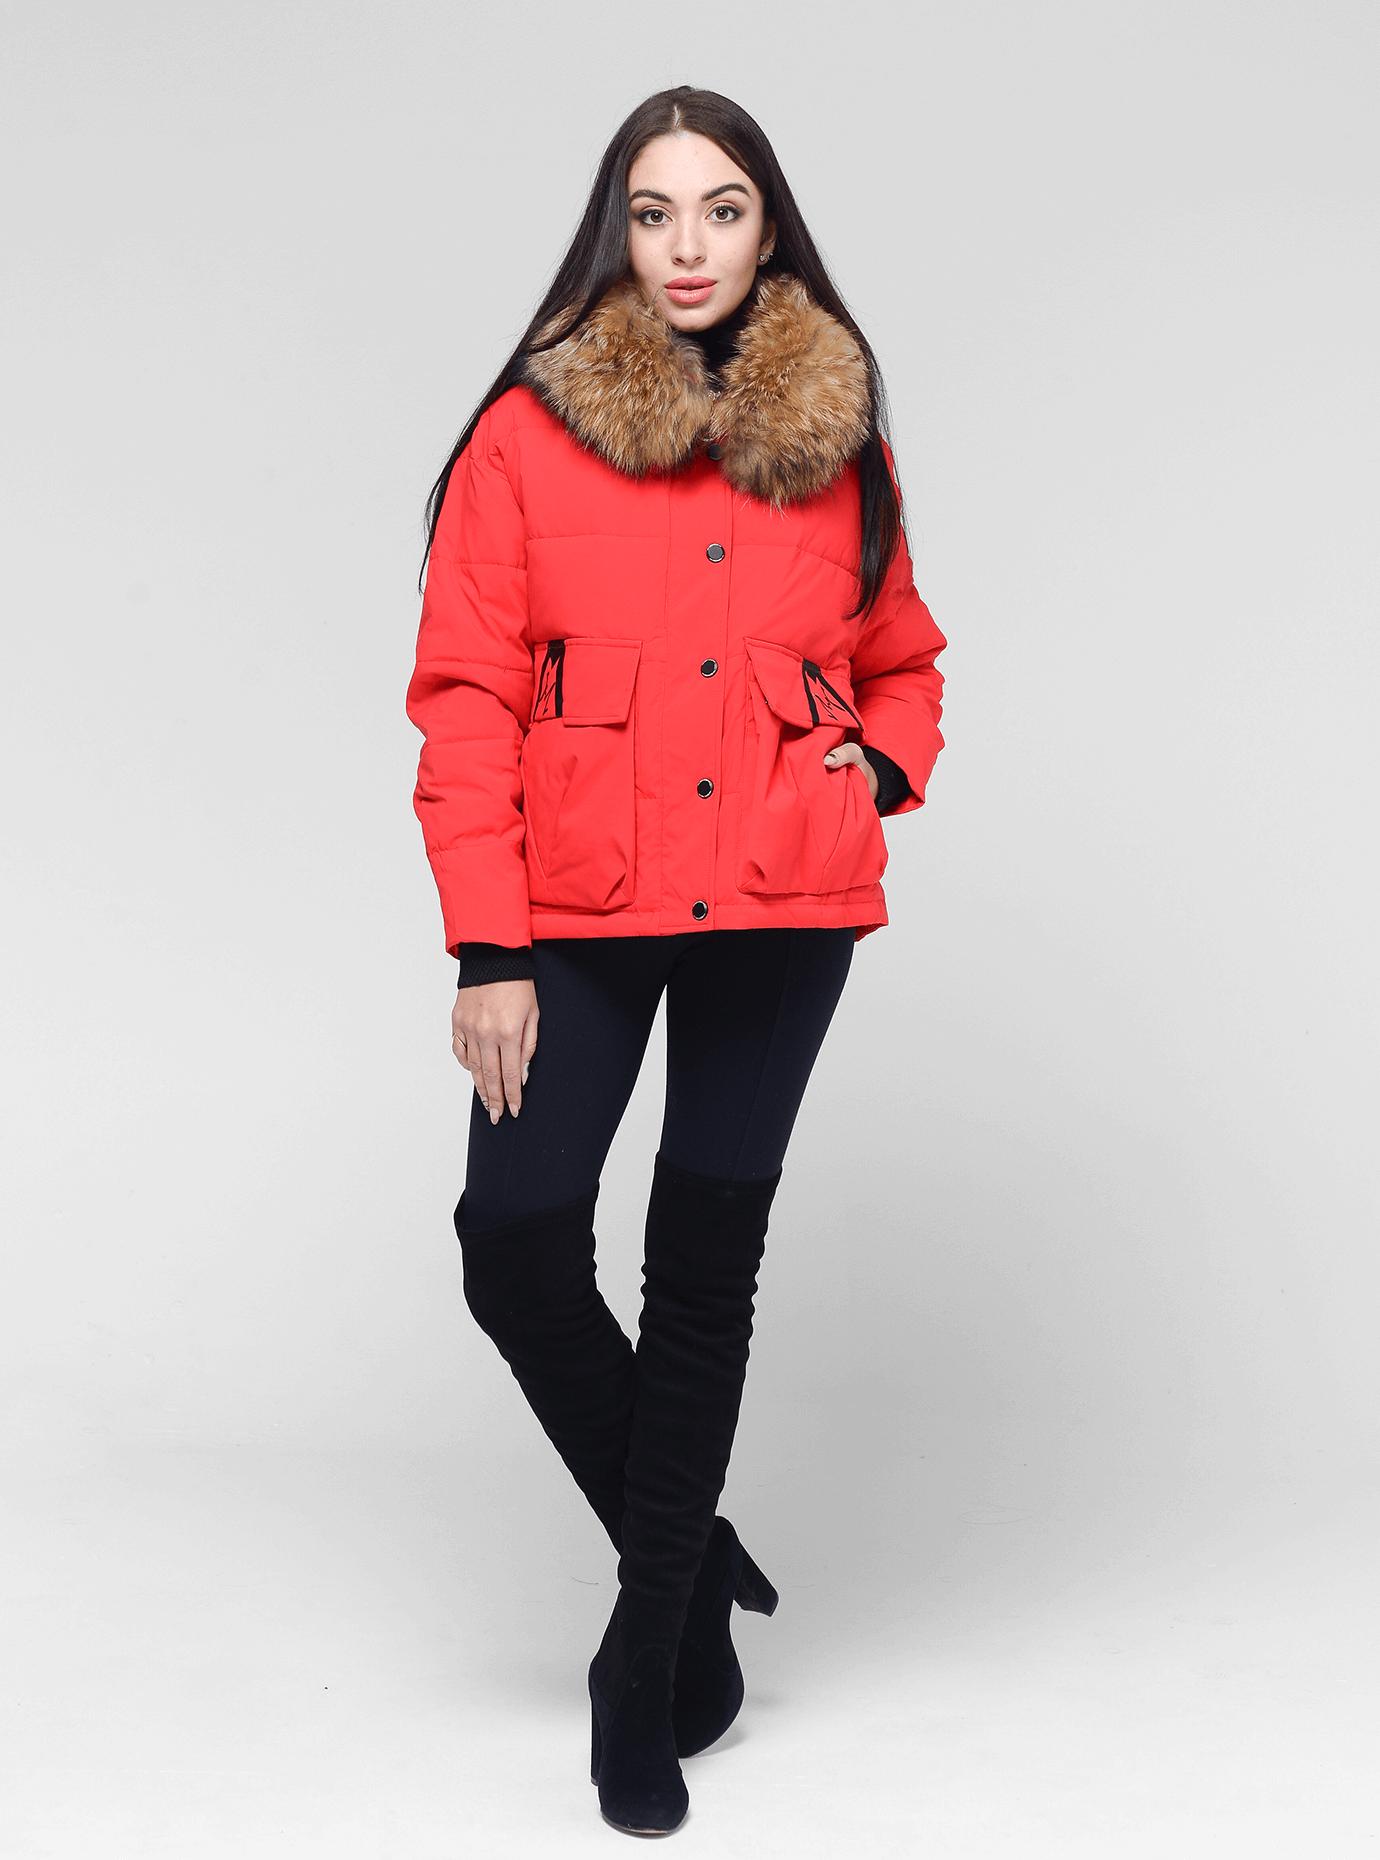 Куртка зимняя короткая с мехом енота Красный XL (05-V191221): фото - Alster.ua